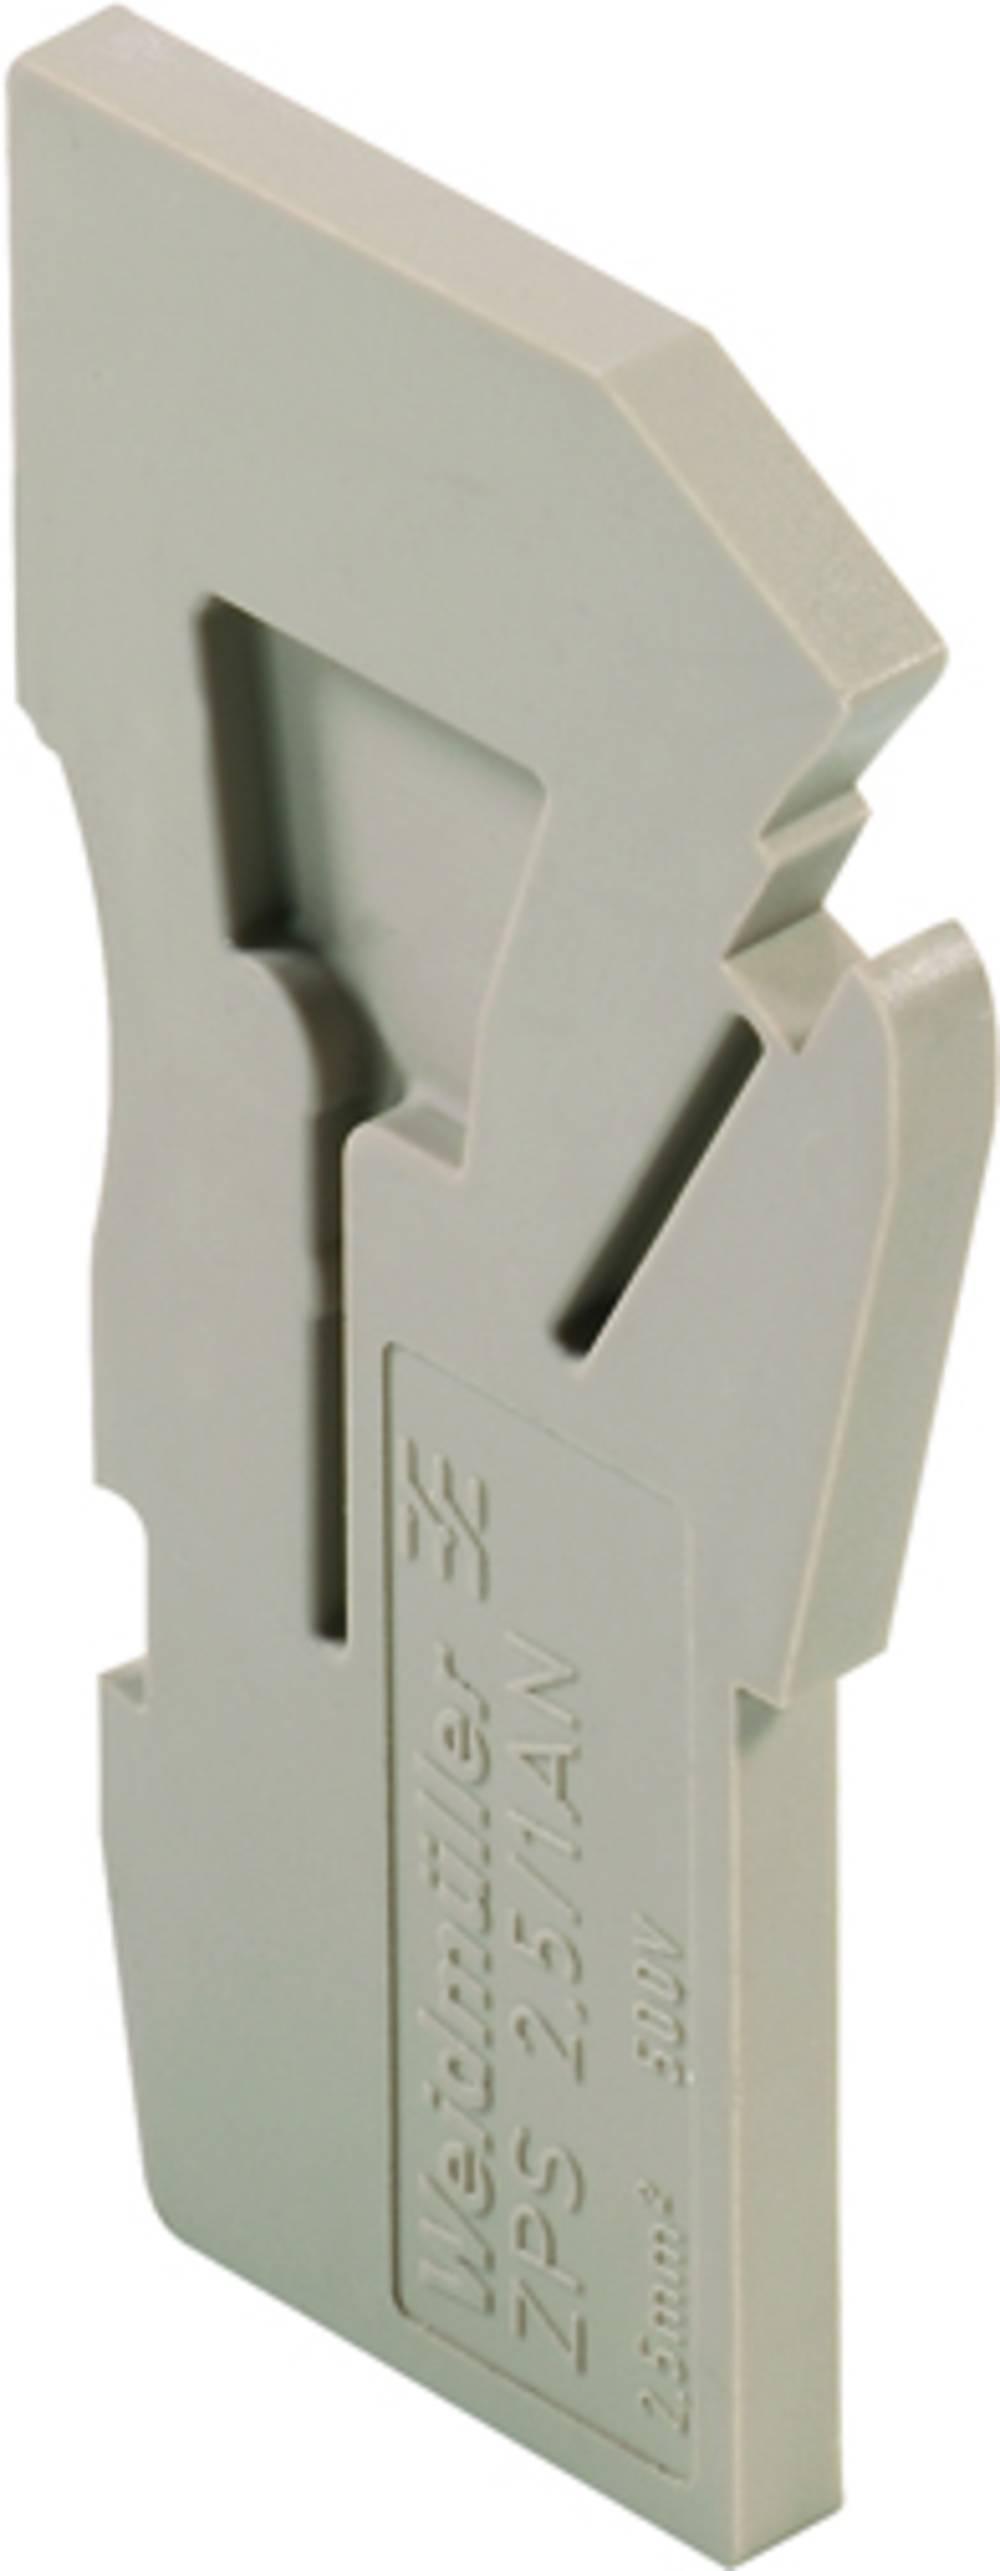 kobling ZPS 2.5/1AN/QV/3 1865910000 Weidmüller 20 stk